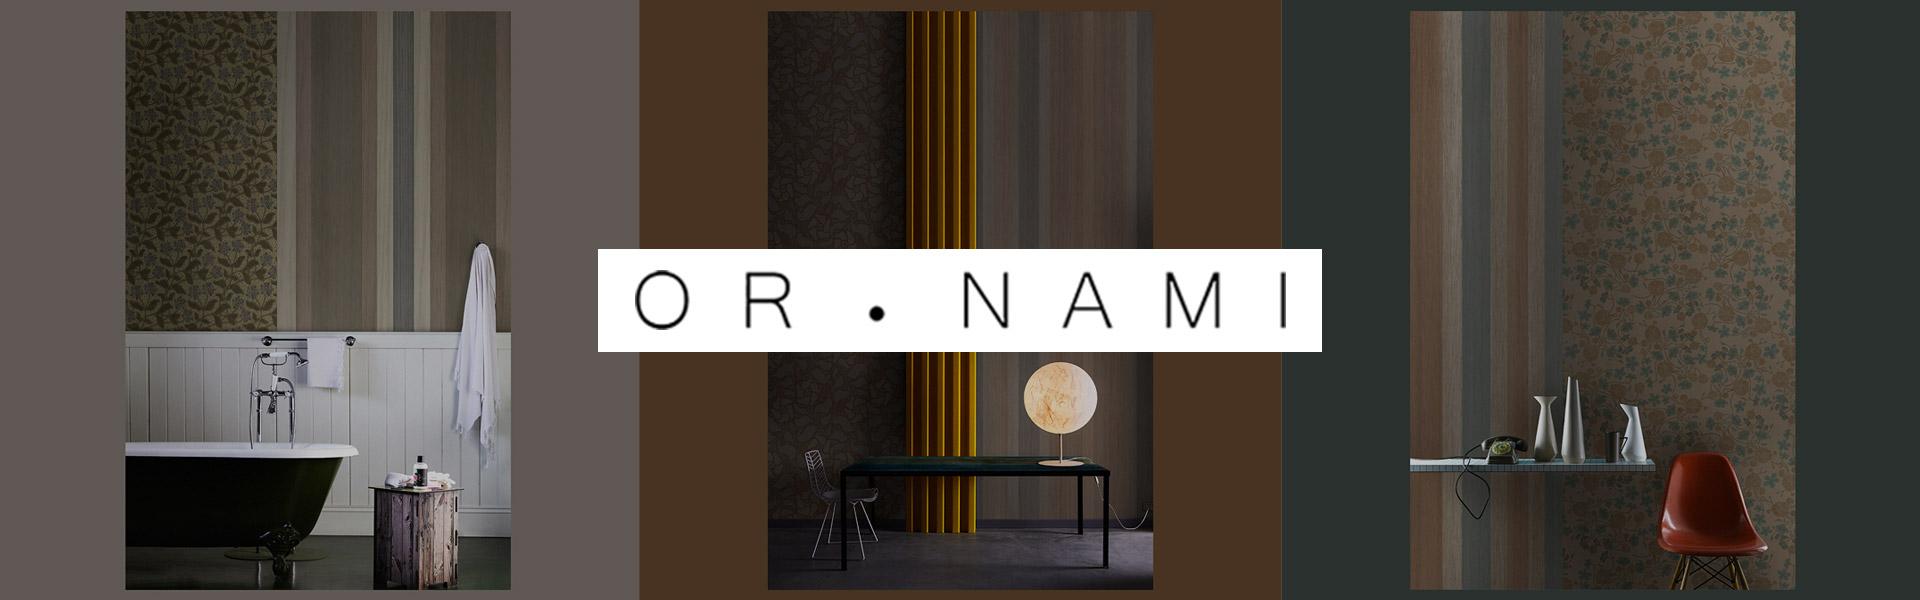 ornami_01